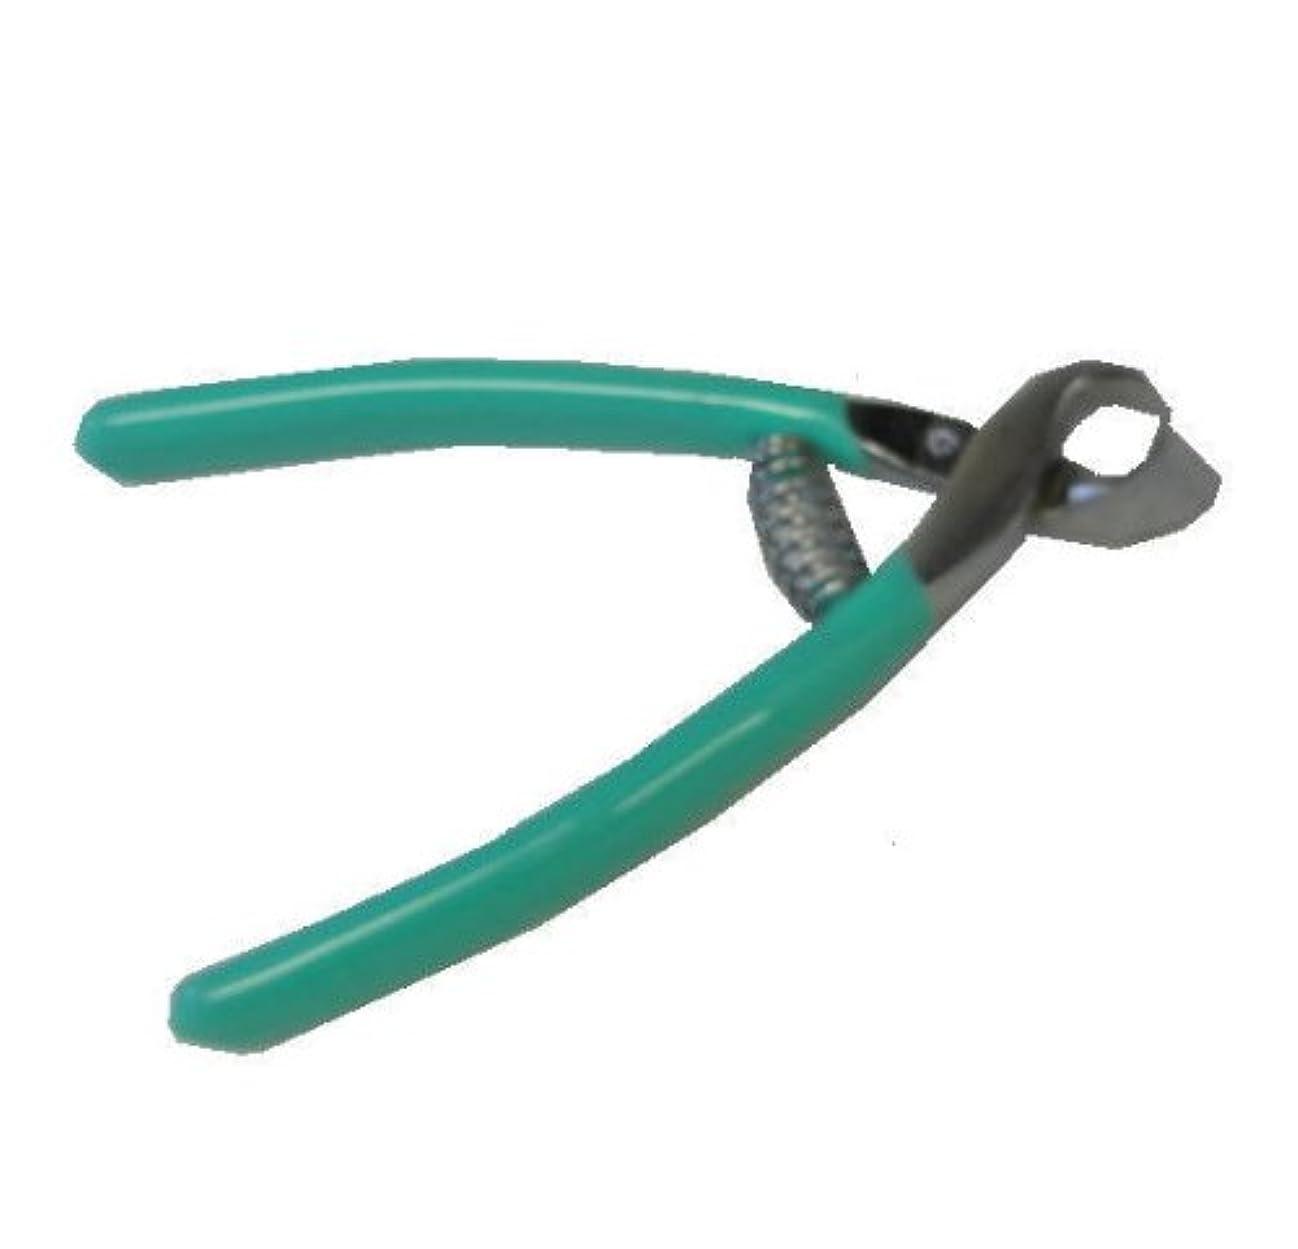 ブラスト動かない投資するフルサワの介護用爪切り 斜刃 グリーン